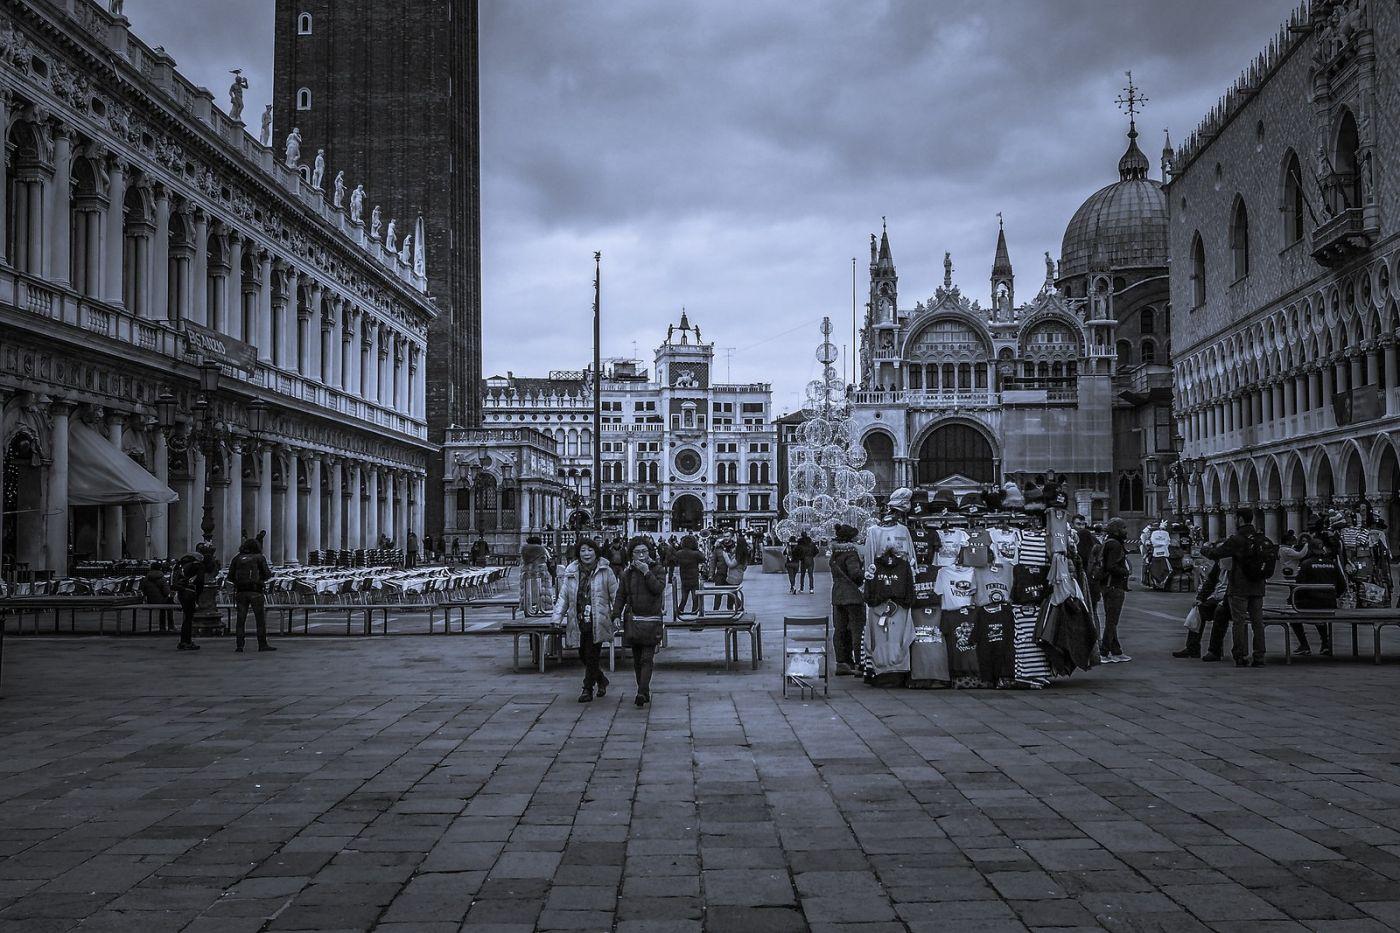 威尼斯圣马可广场(St Mark's Square), 独一无二_图1-32